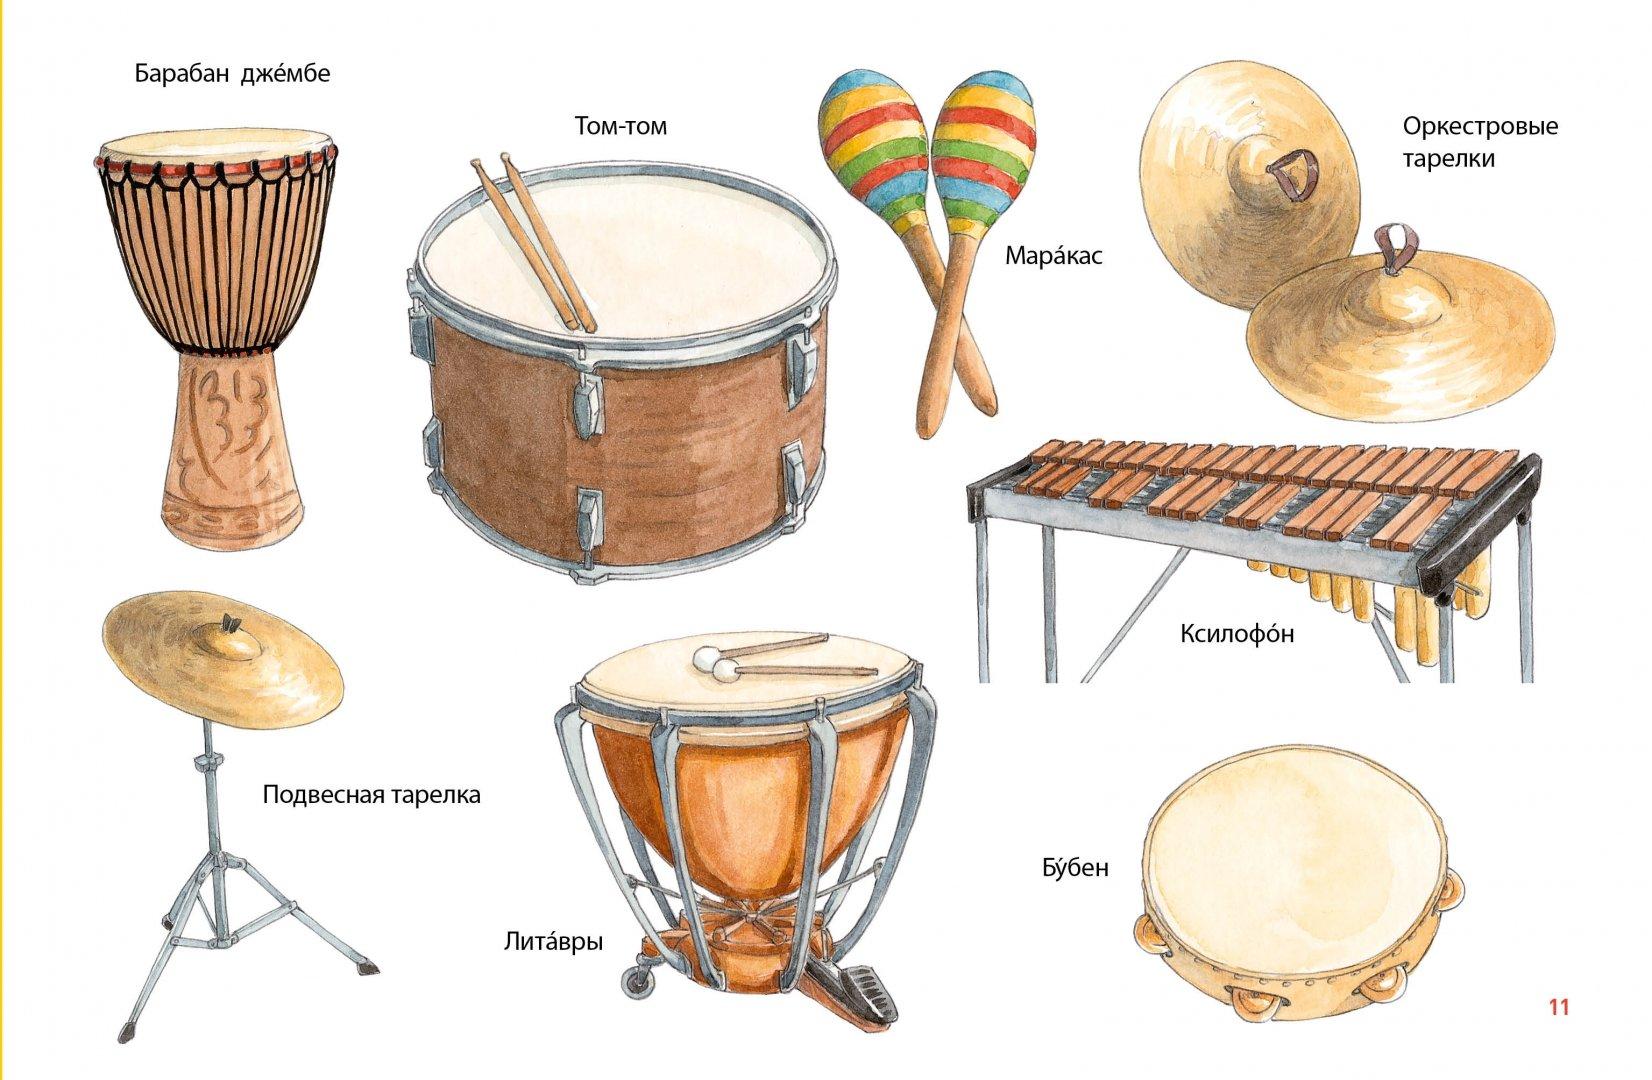 Картинки музыкальных инструментов для детей с названиями 2 класс, летием свадьбы